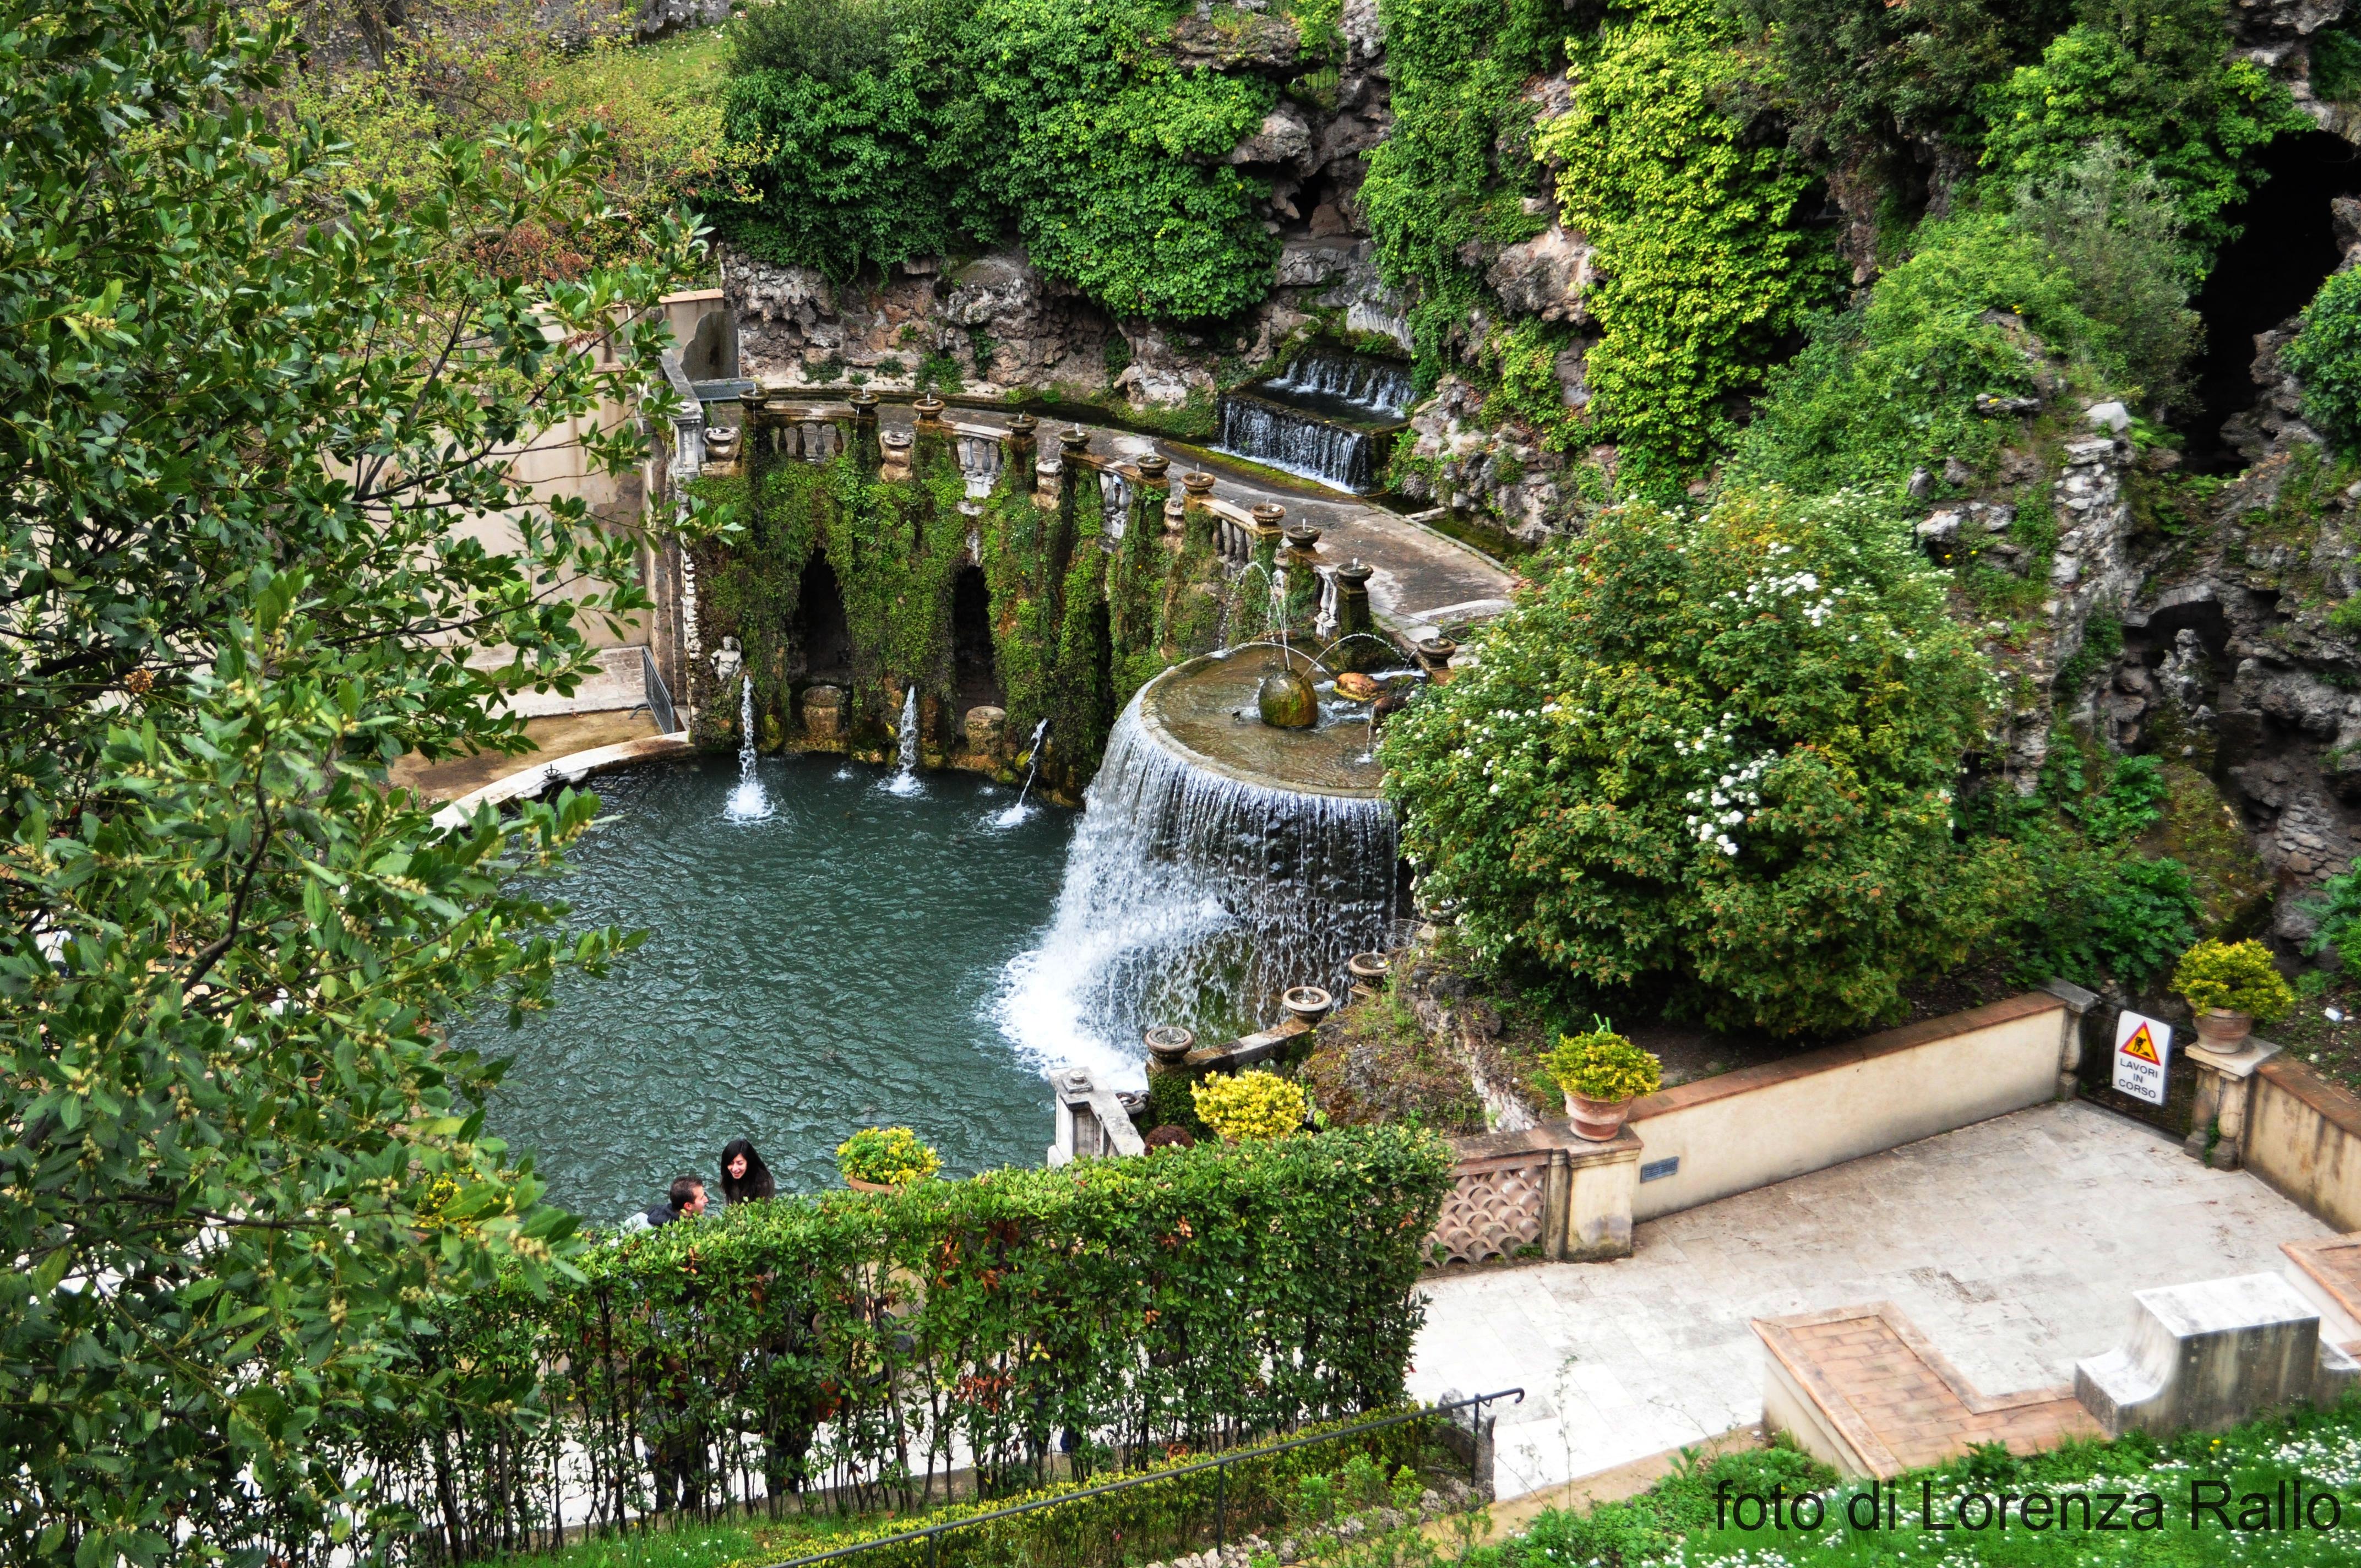 Villa d 39 este tivoli giochi d 39 acqua sotto le stelle for Vajilla villa d este